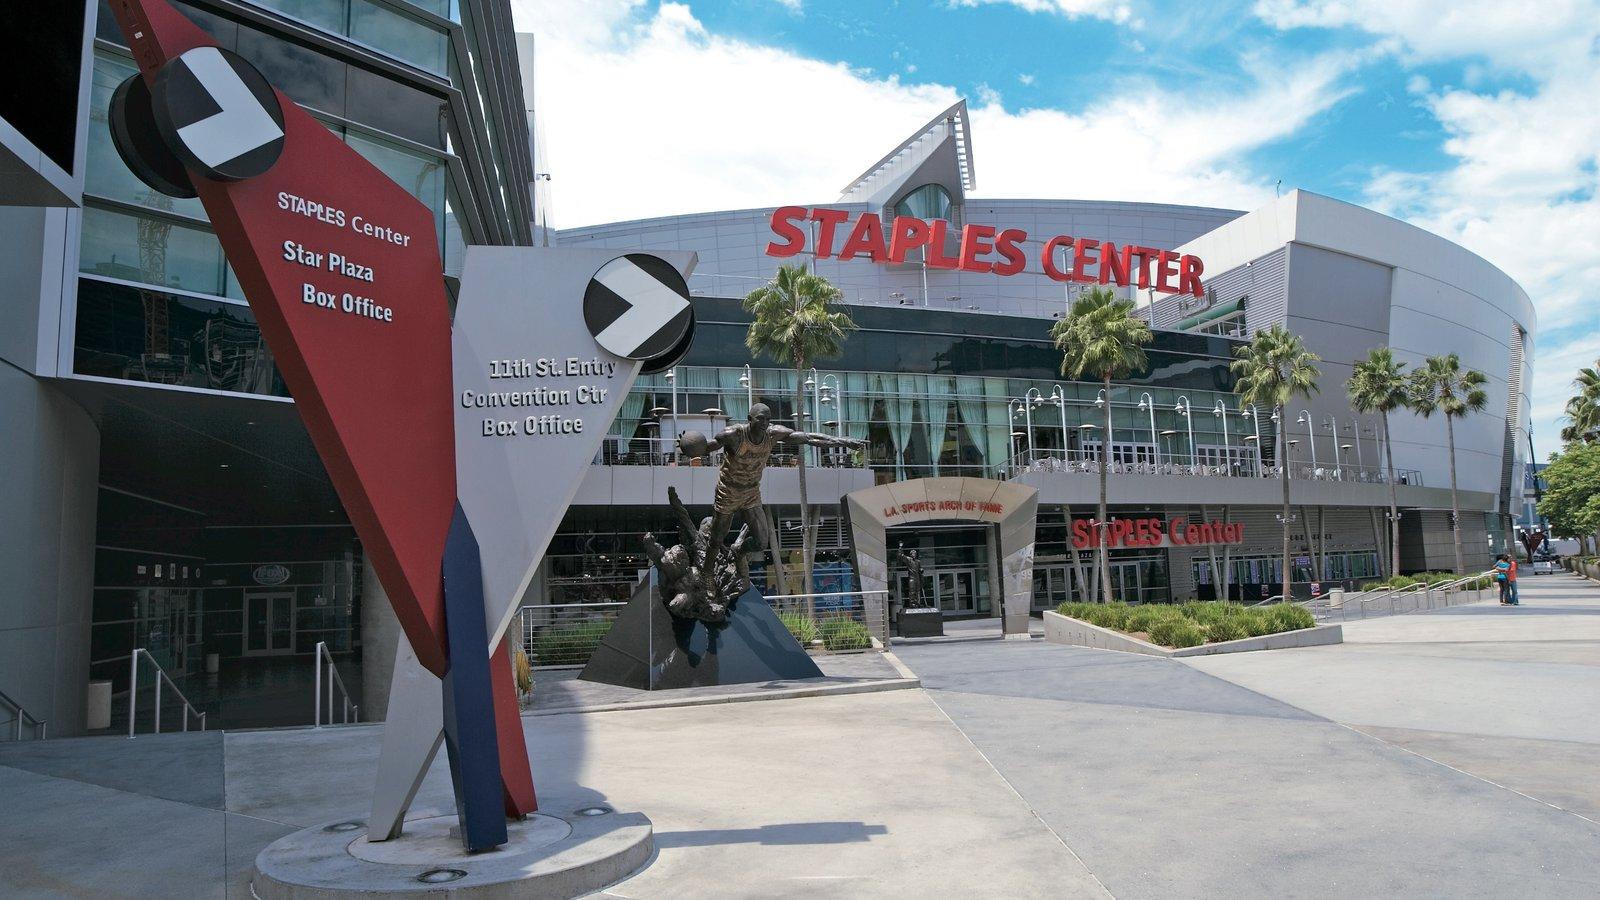 Centro de Los Ángeles ofreciendo arquitectura moderna y señalización